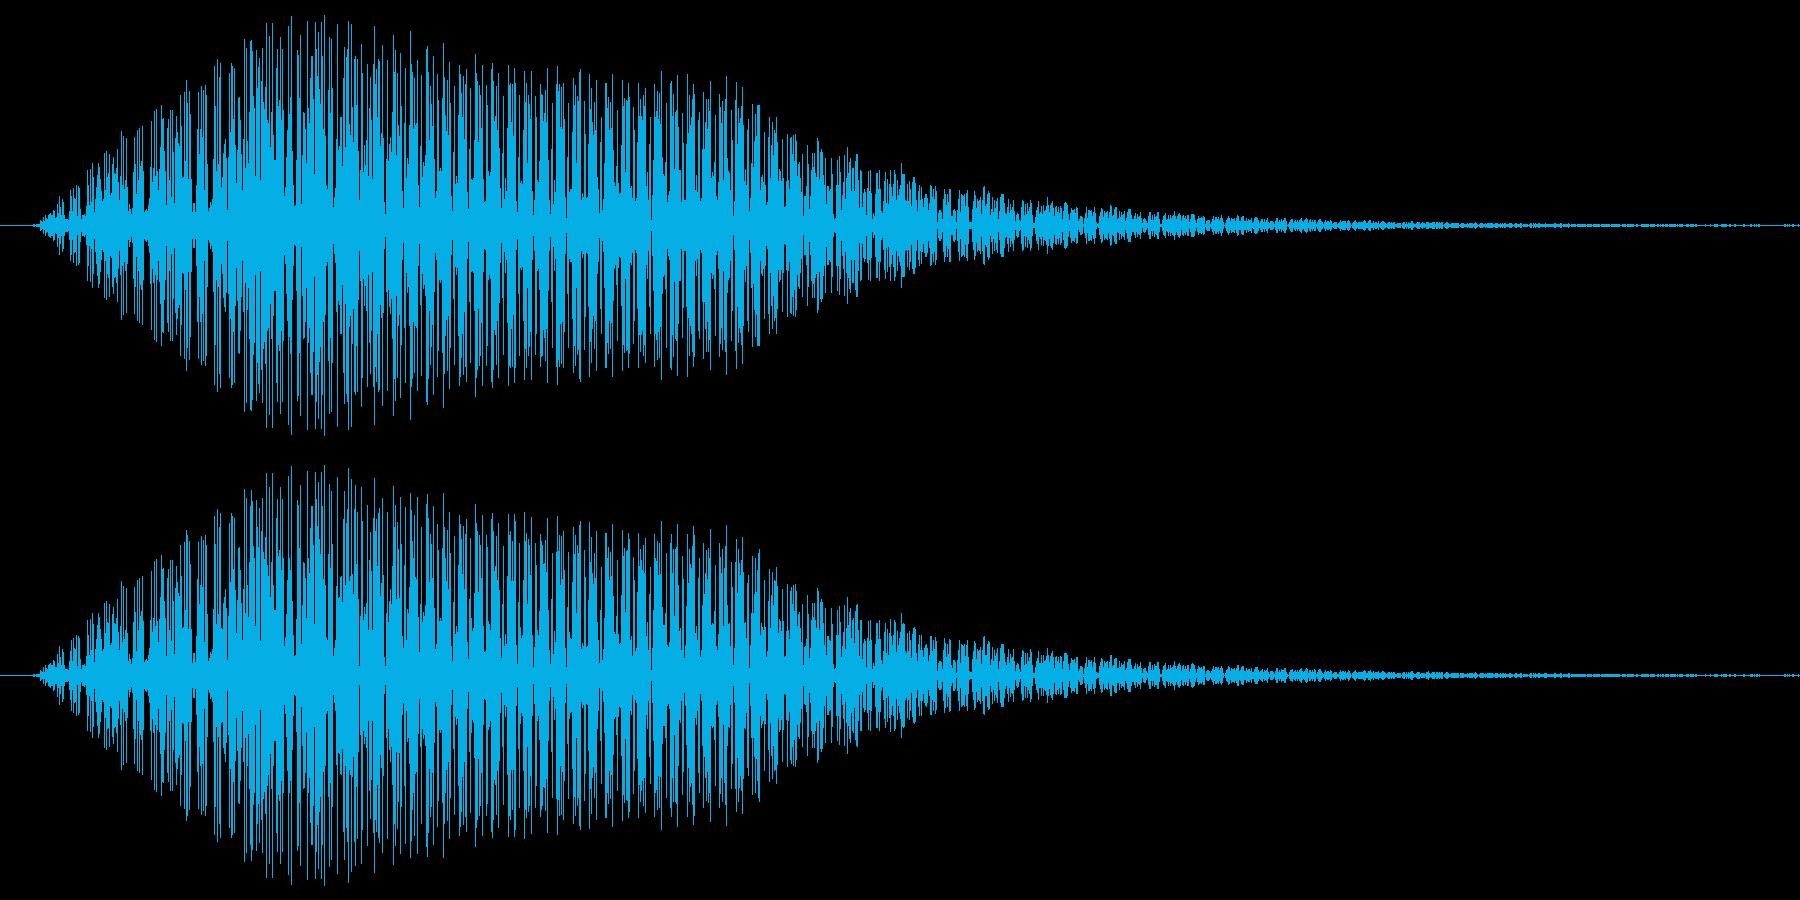 グイン。ロボット・機械動作音(短め)の再生済みの波形